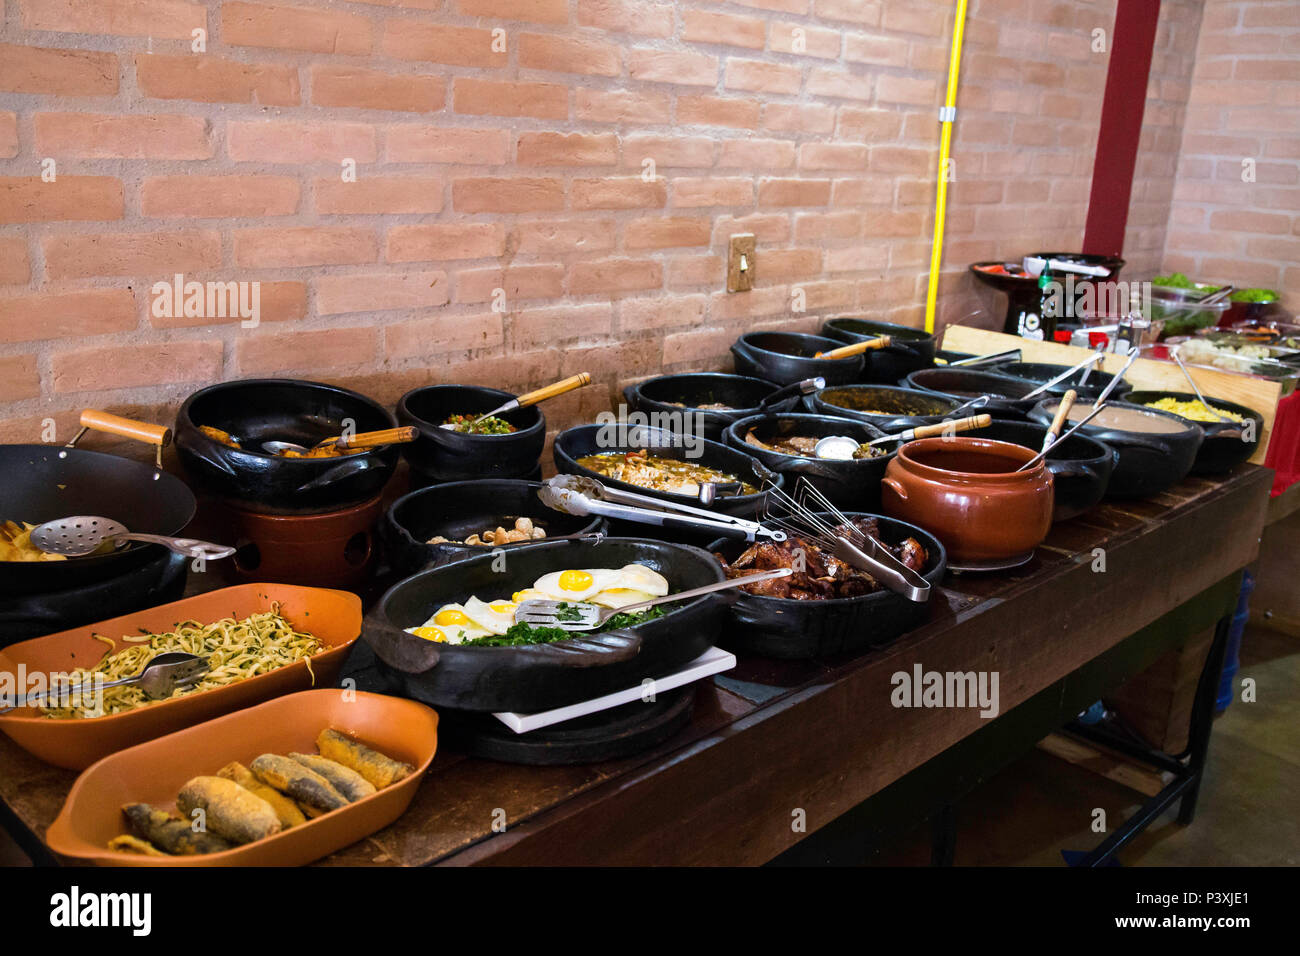 Comida caseira em Restaurante na Cidade de Cunha. Stockfoto